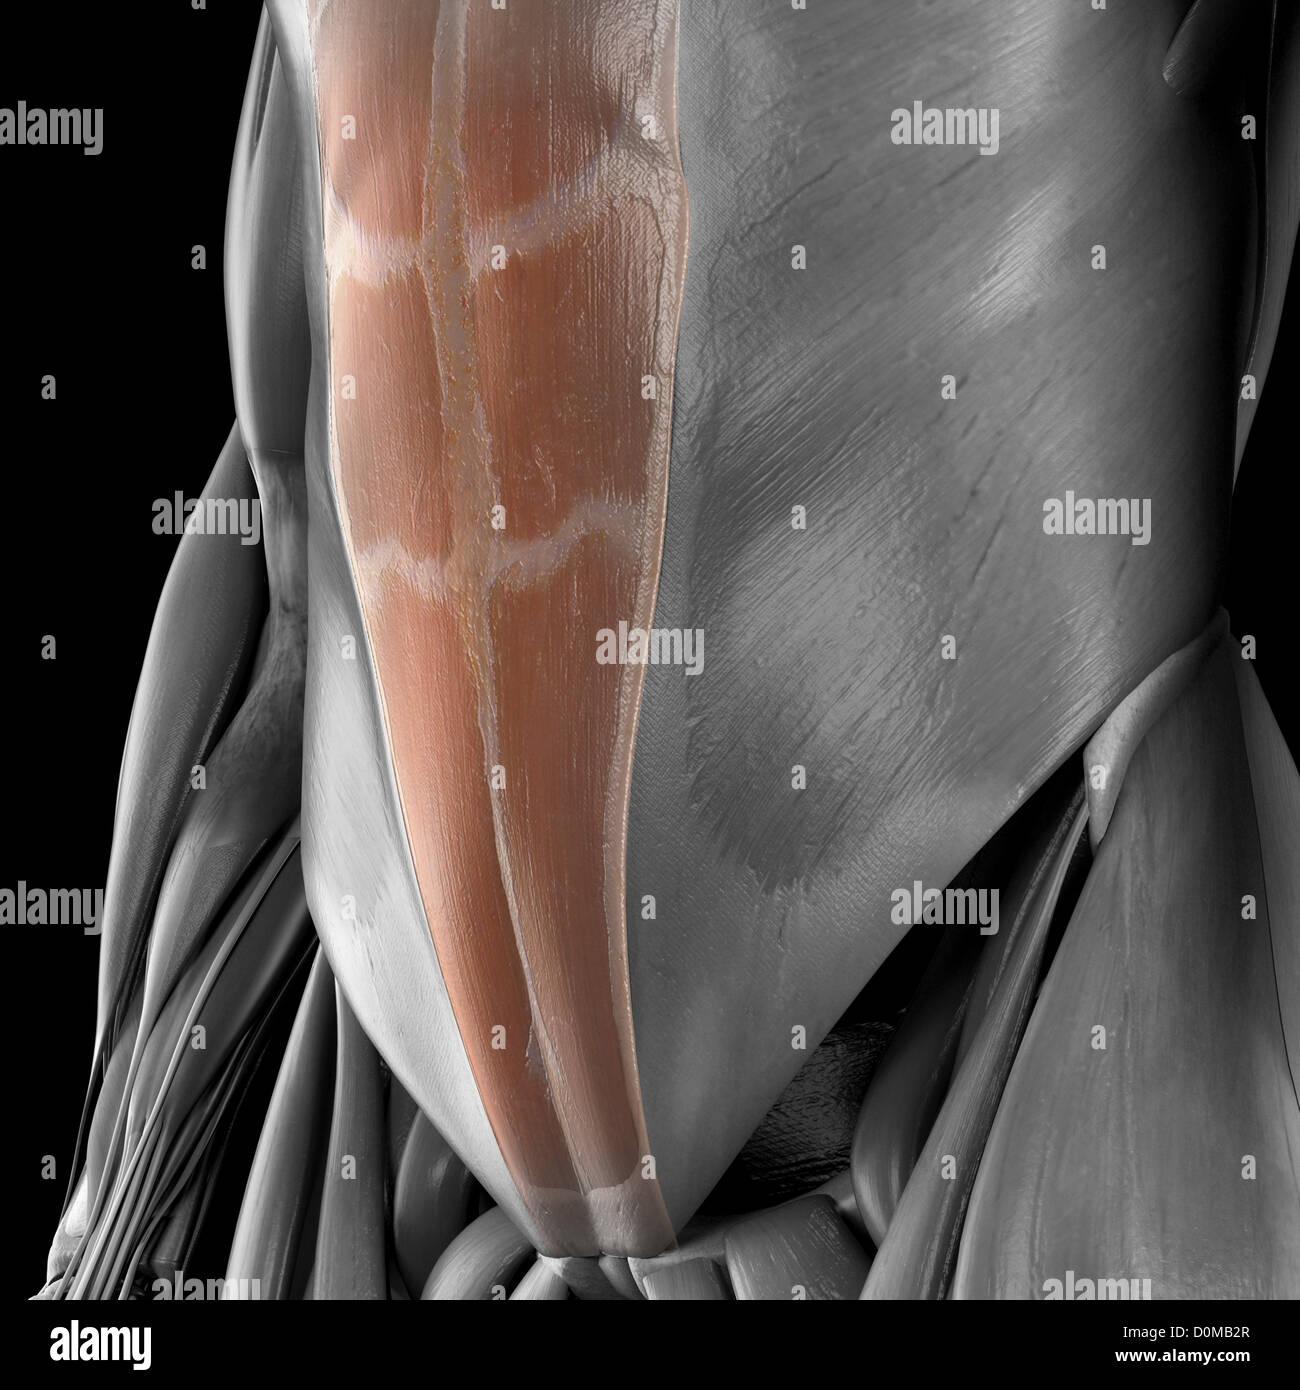 Ein menschliches Modell zeigt die unteren Bauchmuskeln Stockfoto ...